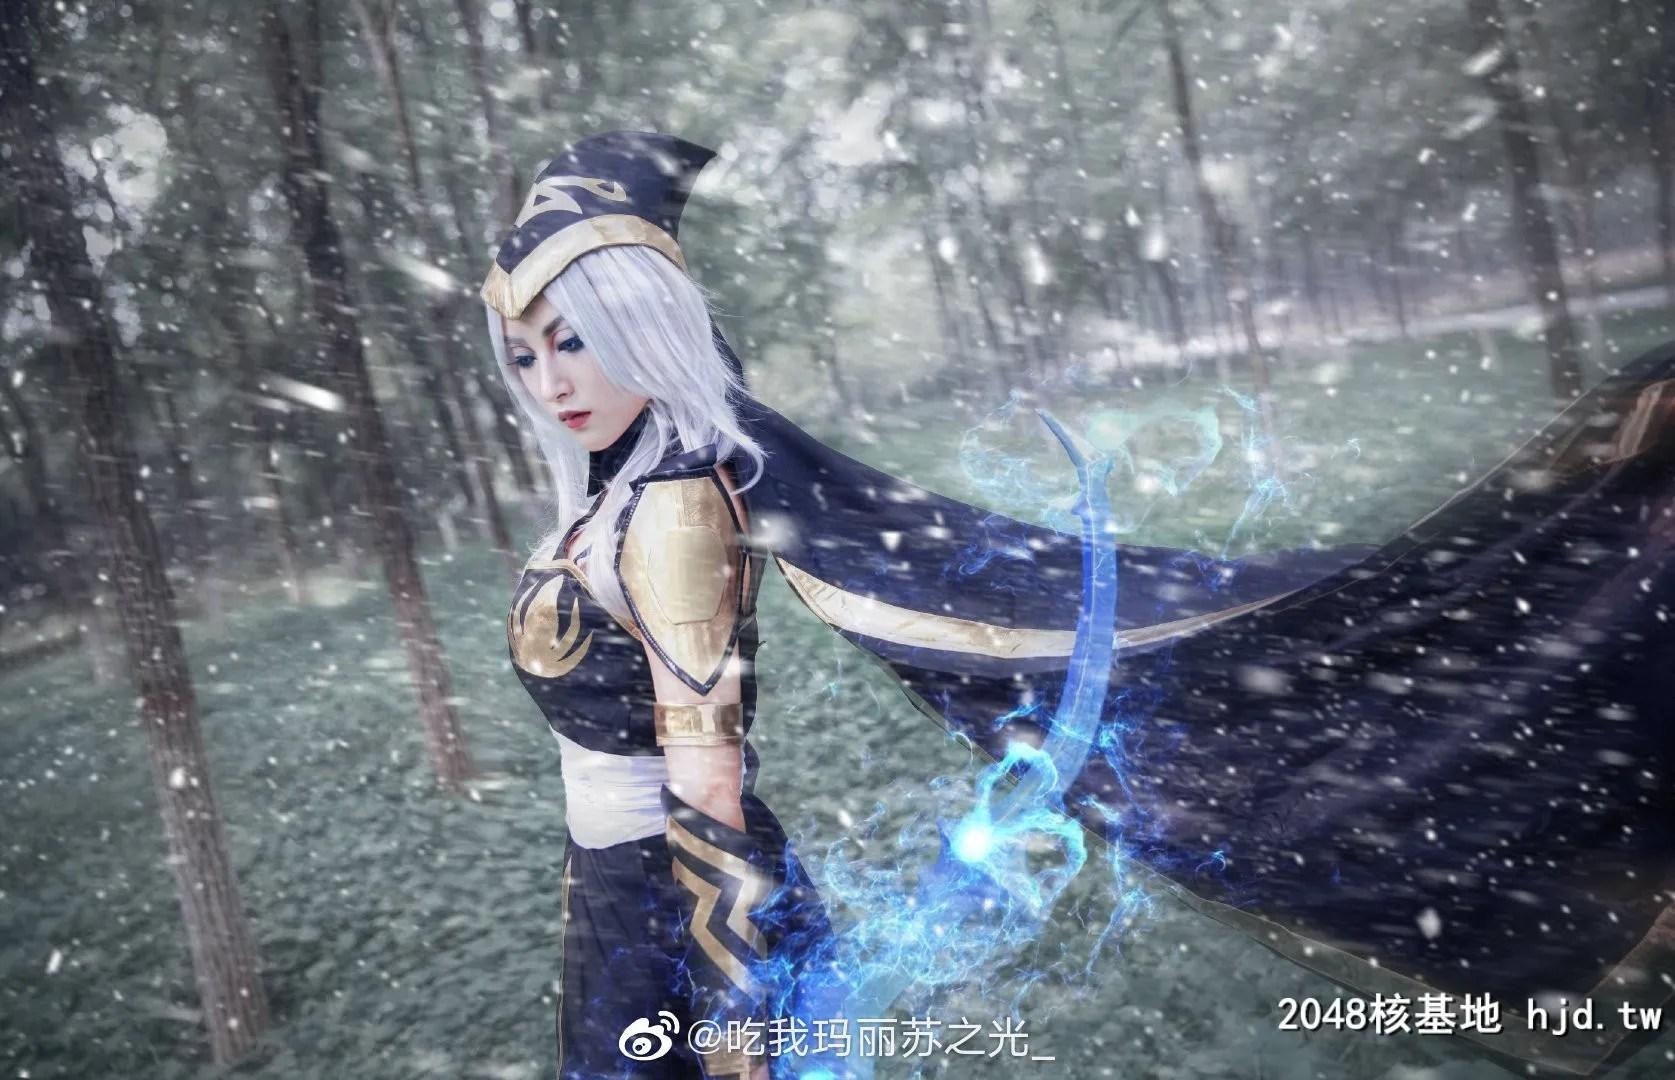 英雄联盟寒冰射手艾希@吃我玛丽苏之光_ (9P)插图(1)